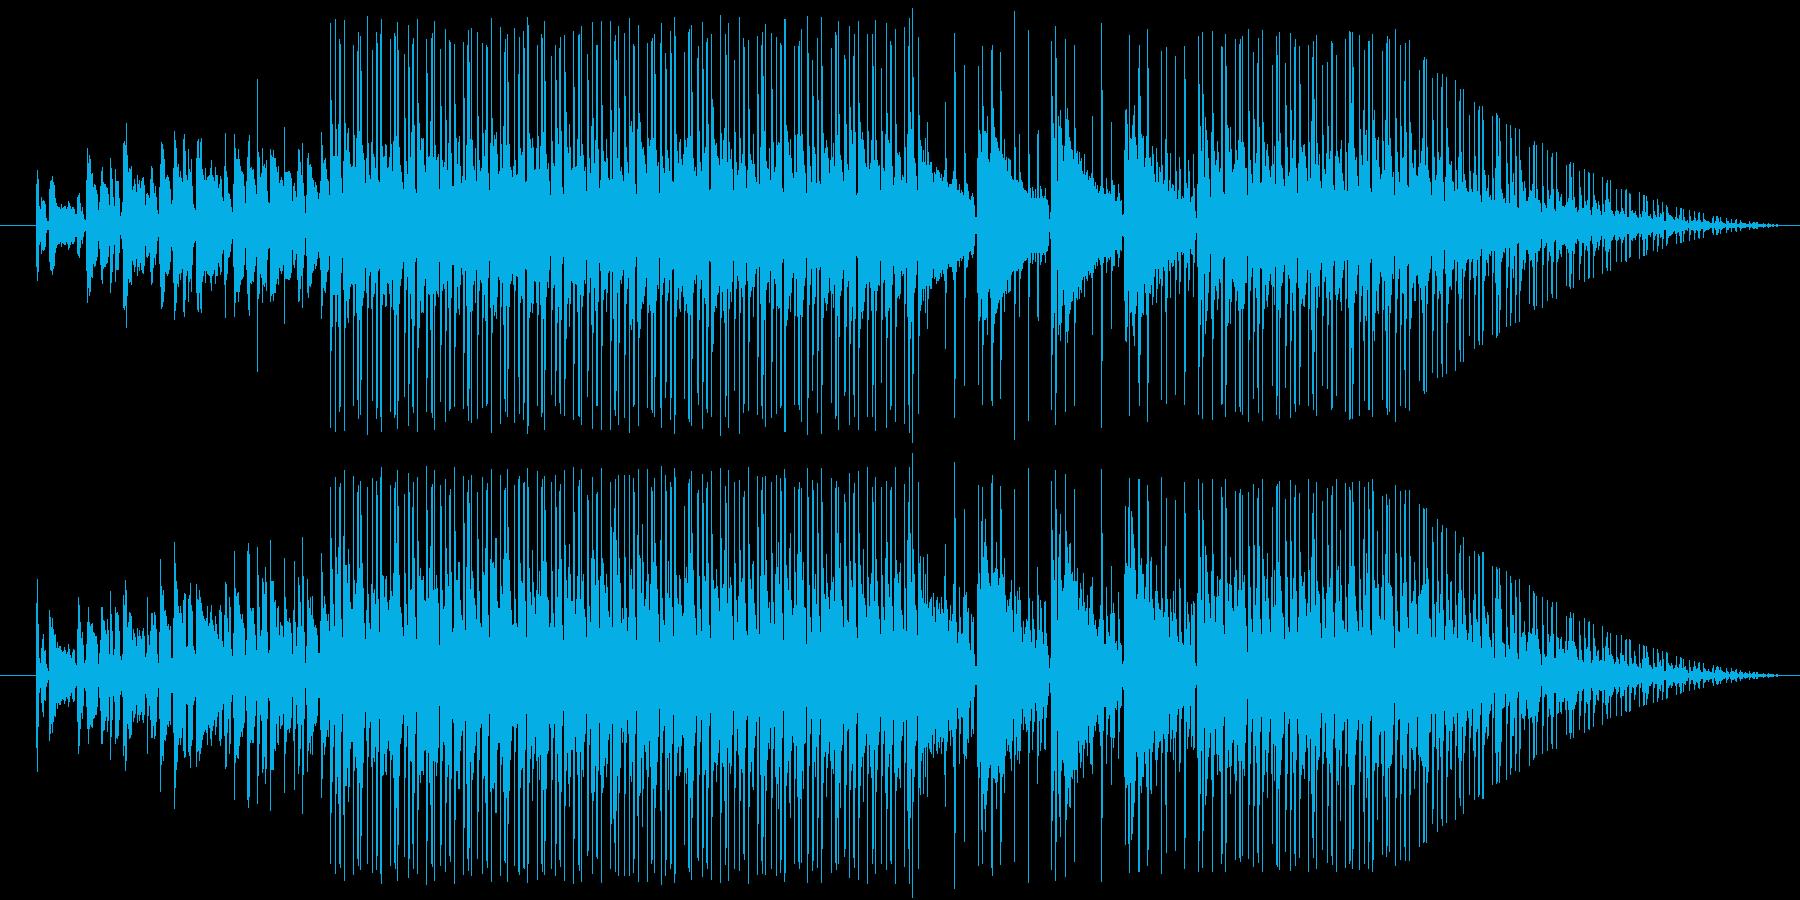 オールド感満載なHIPHOPBEATの再生済みの波形